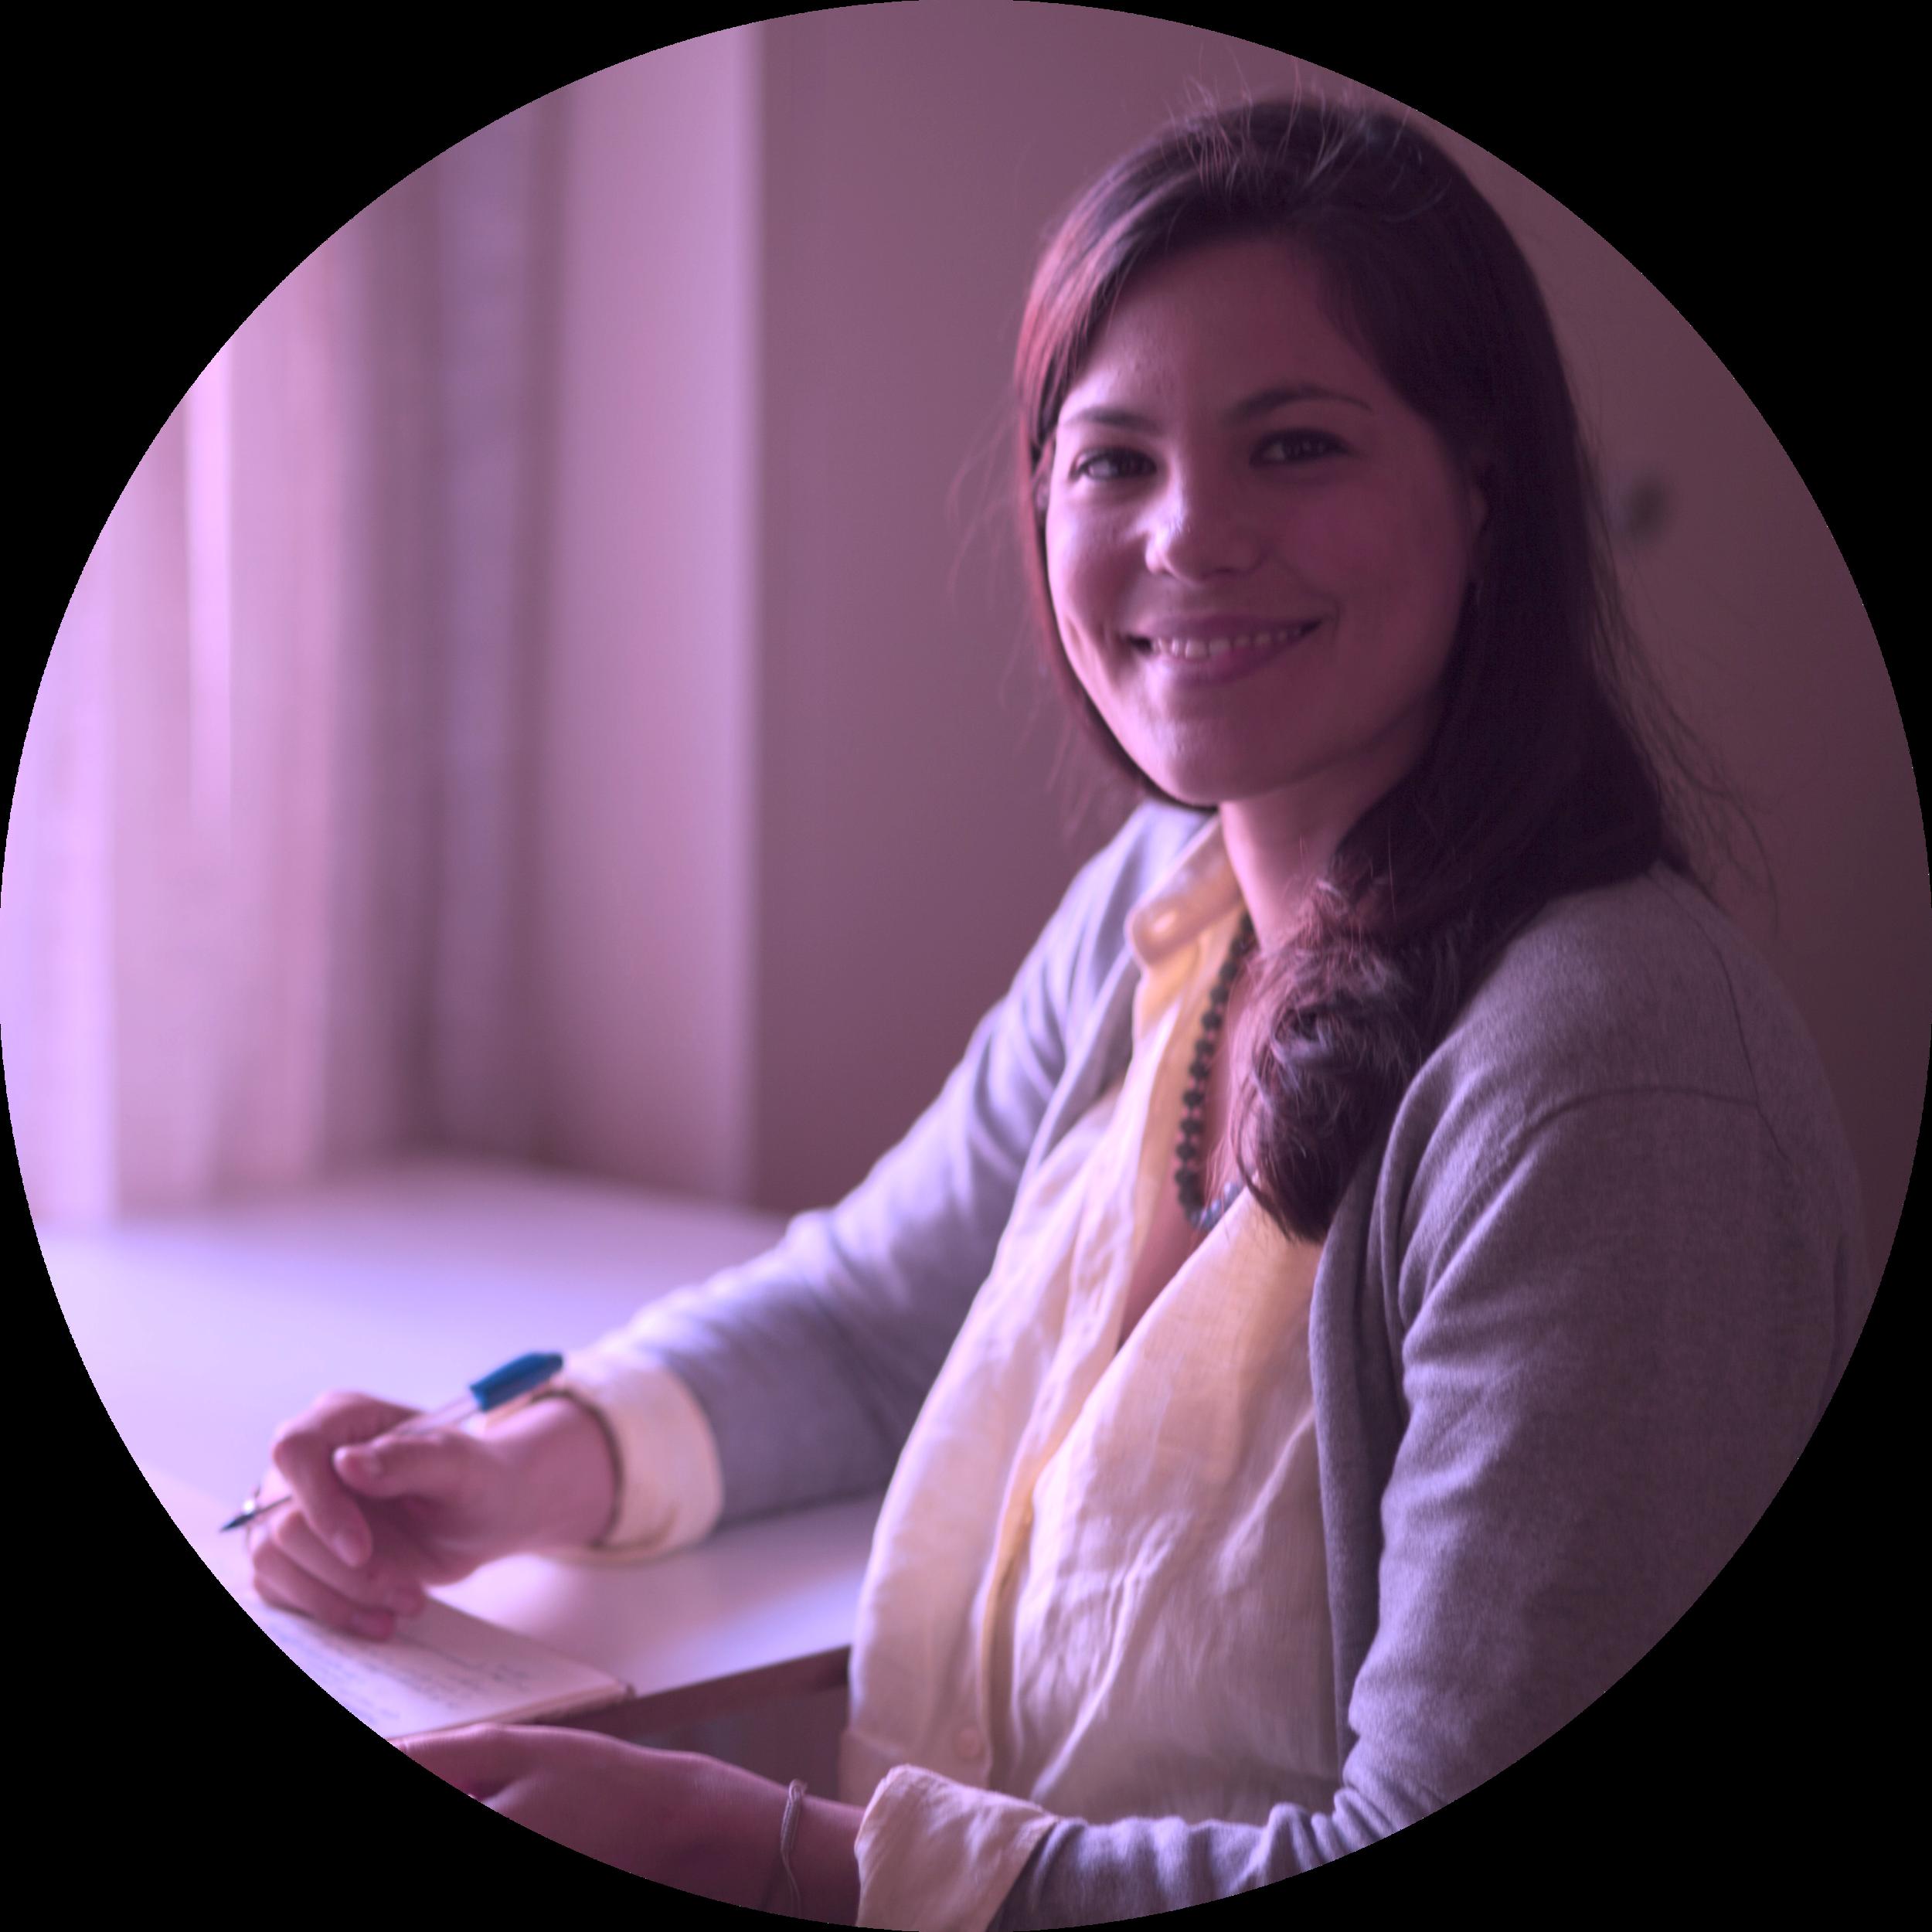 lella sá - coach de vida e carreira, conselheira biográfica e mentora de mães empreendedoras. ela pode ser a sua também.